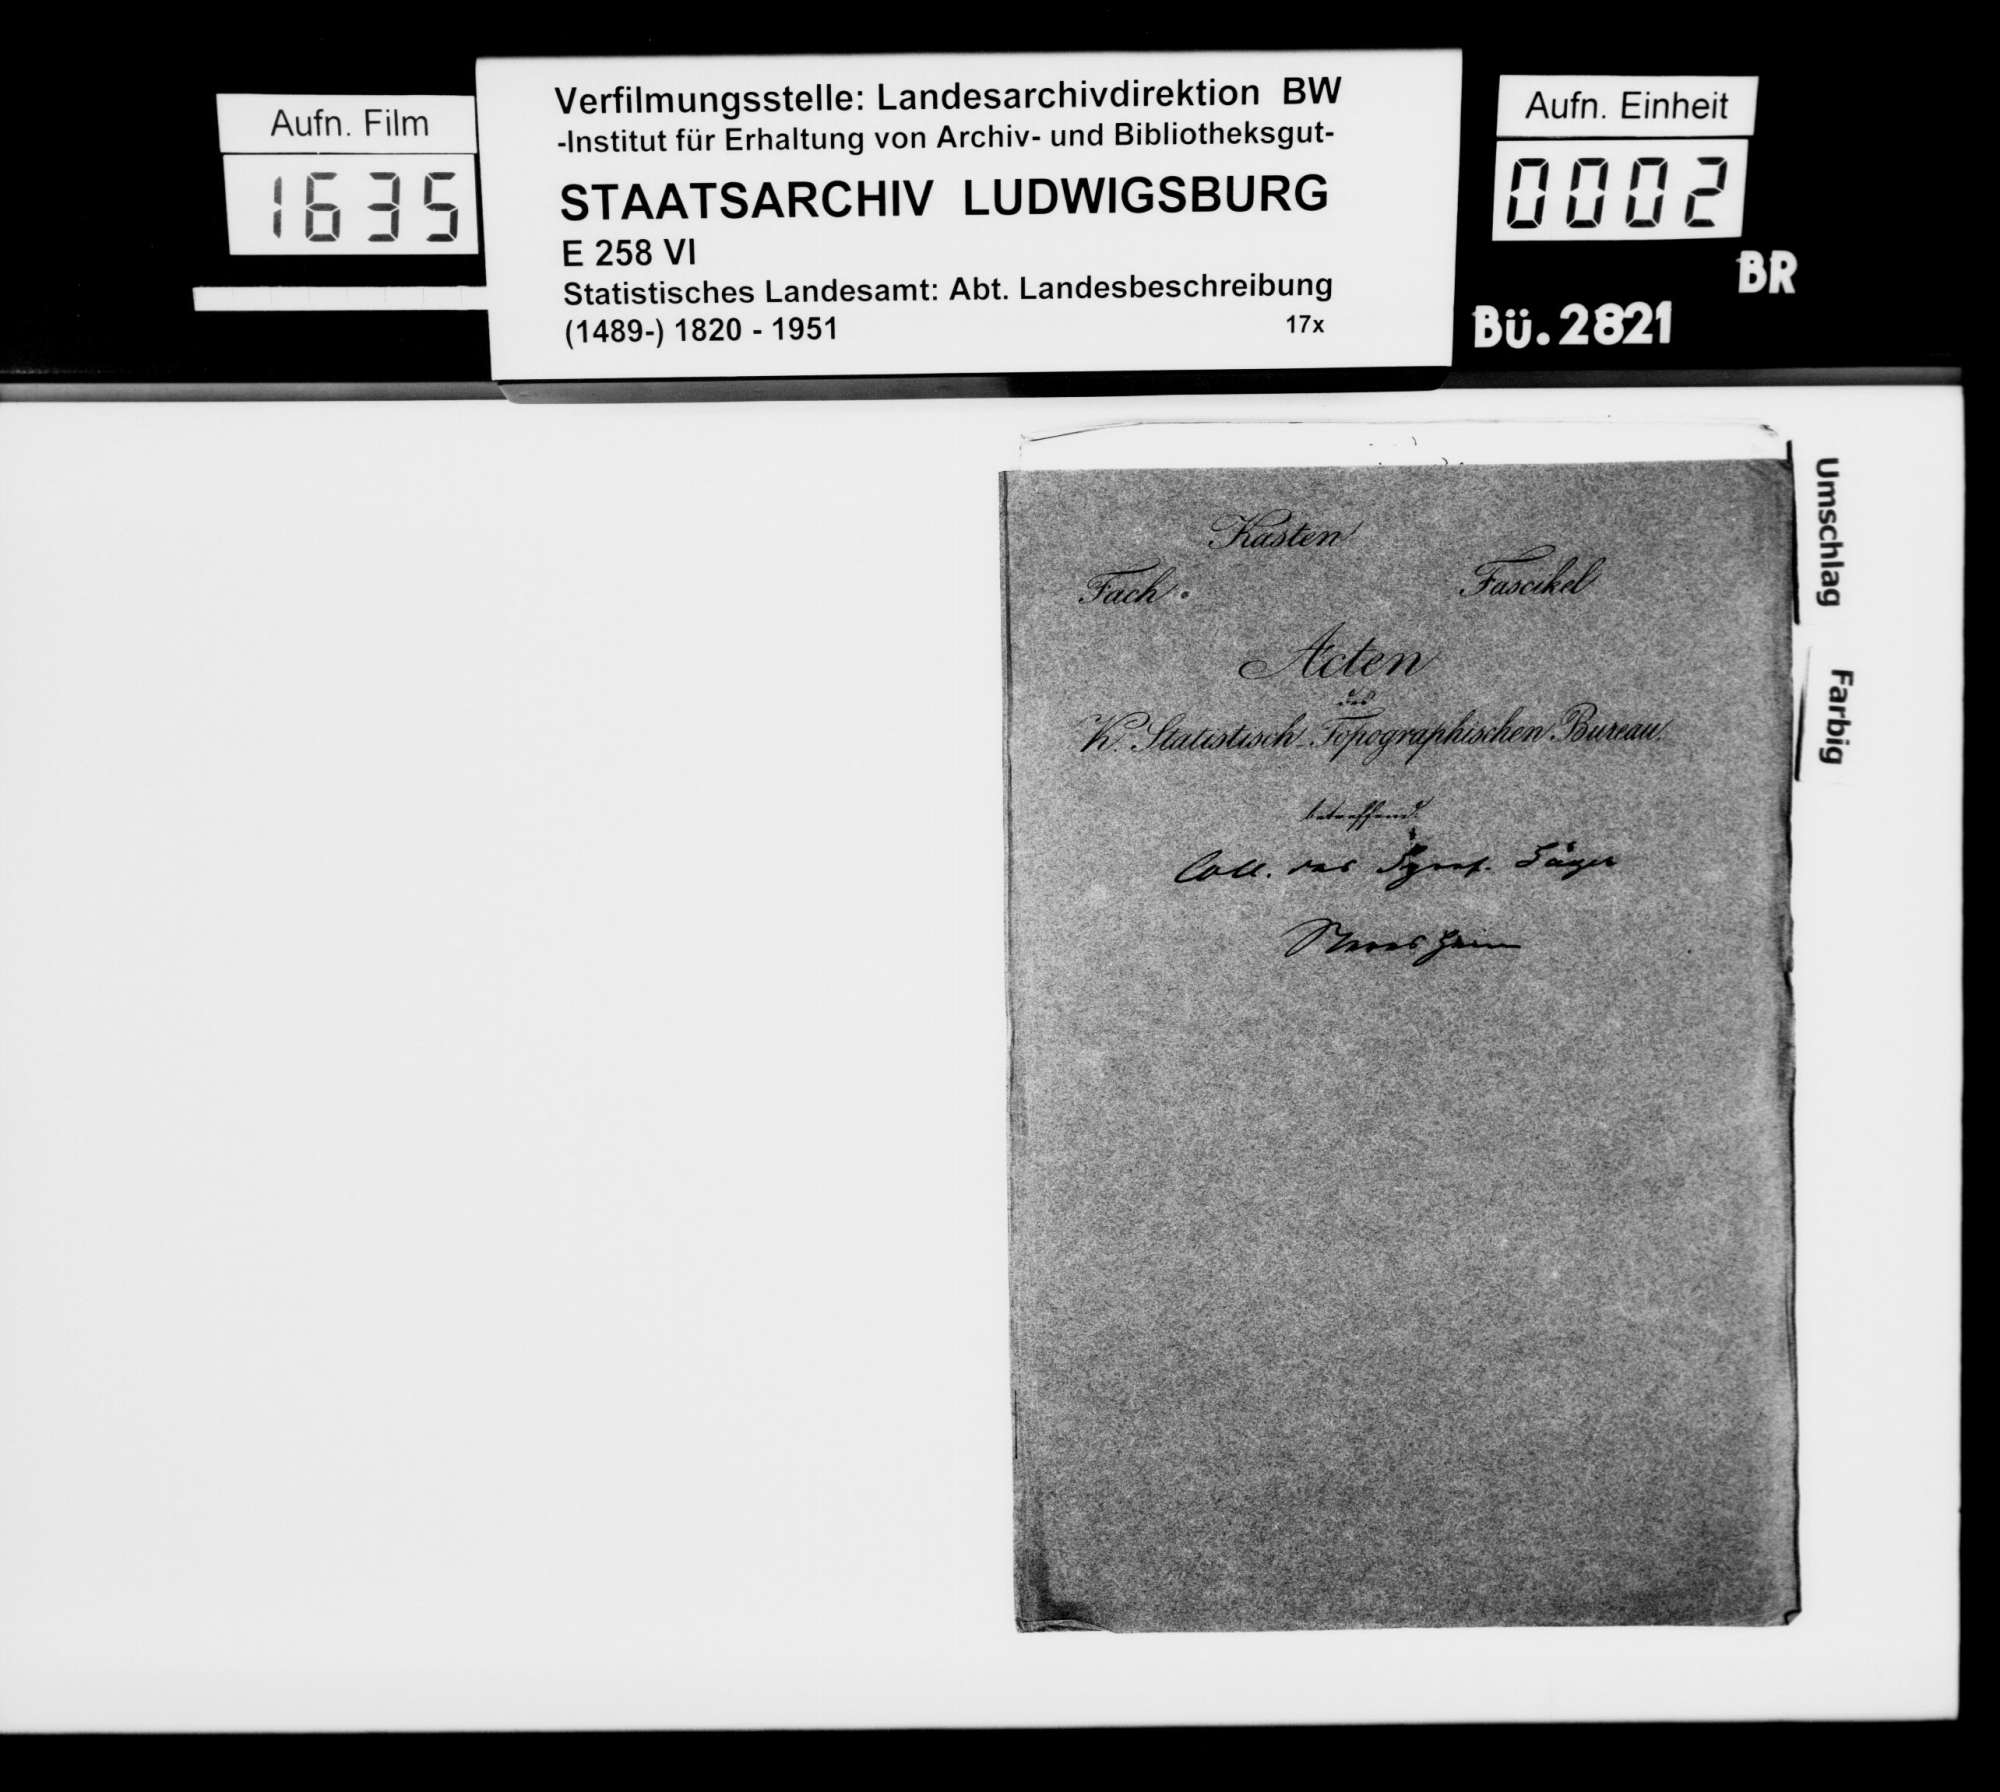 Kollektaneen des Finanzreferendärs Jäger zur mittelalterlichen Besitz- und Herrschaftsgeschichte im Oberamt, Bild 1